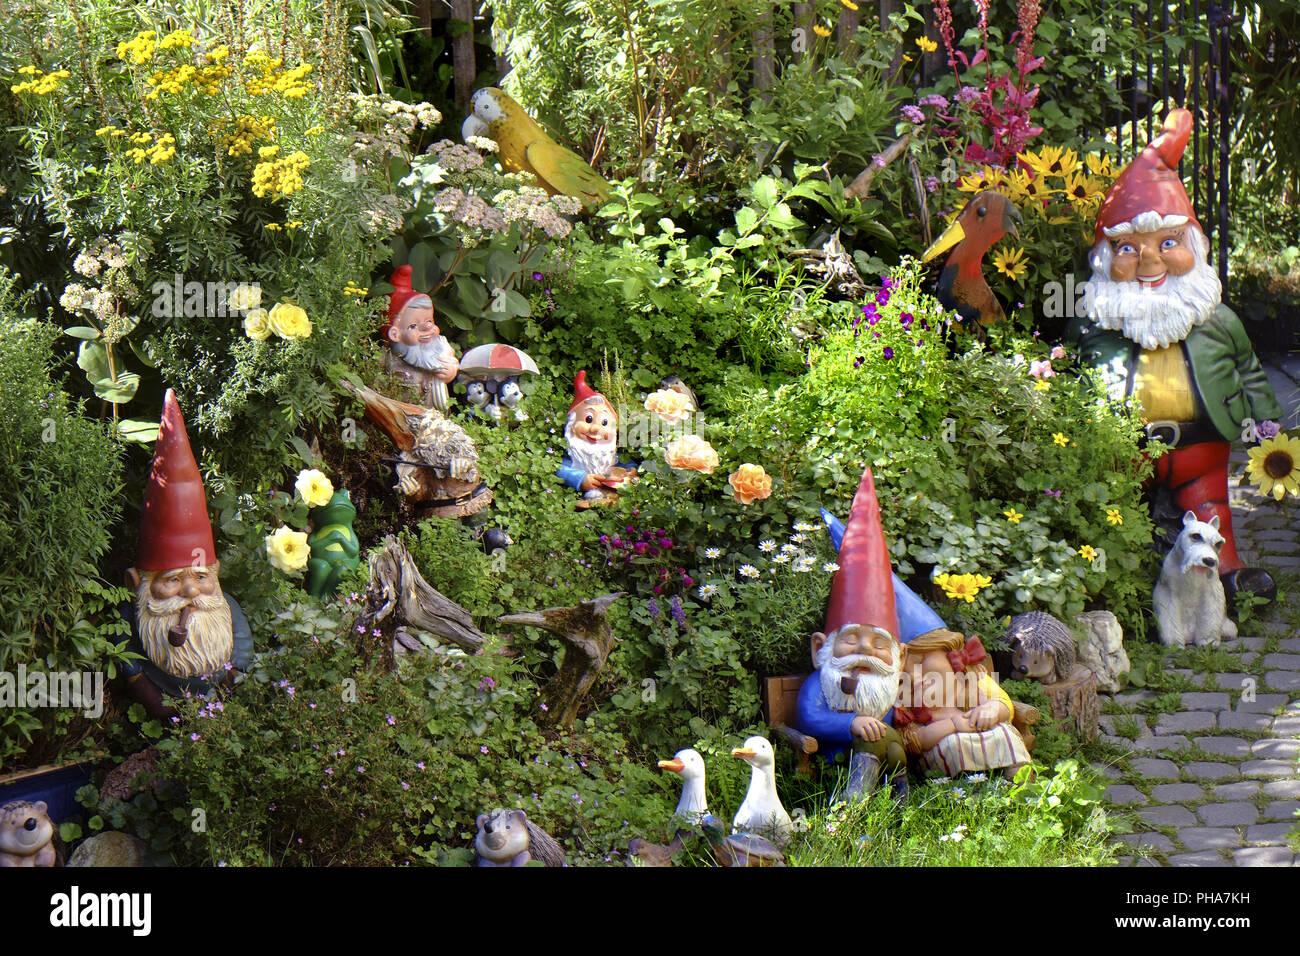 Garden Gnomes Garden Stock Photos & Garden Gnomes Garden